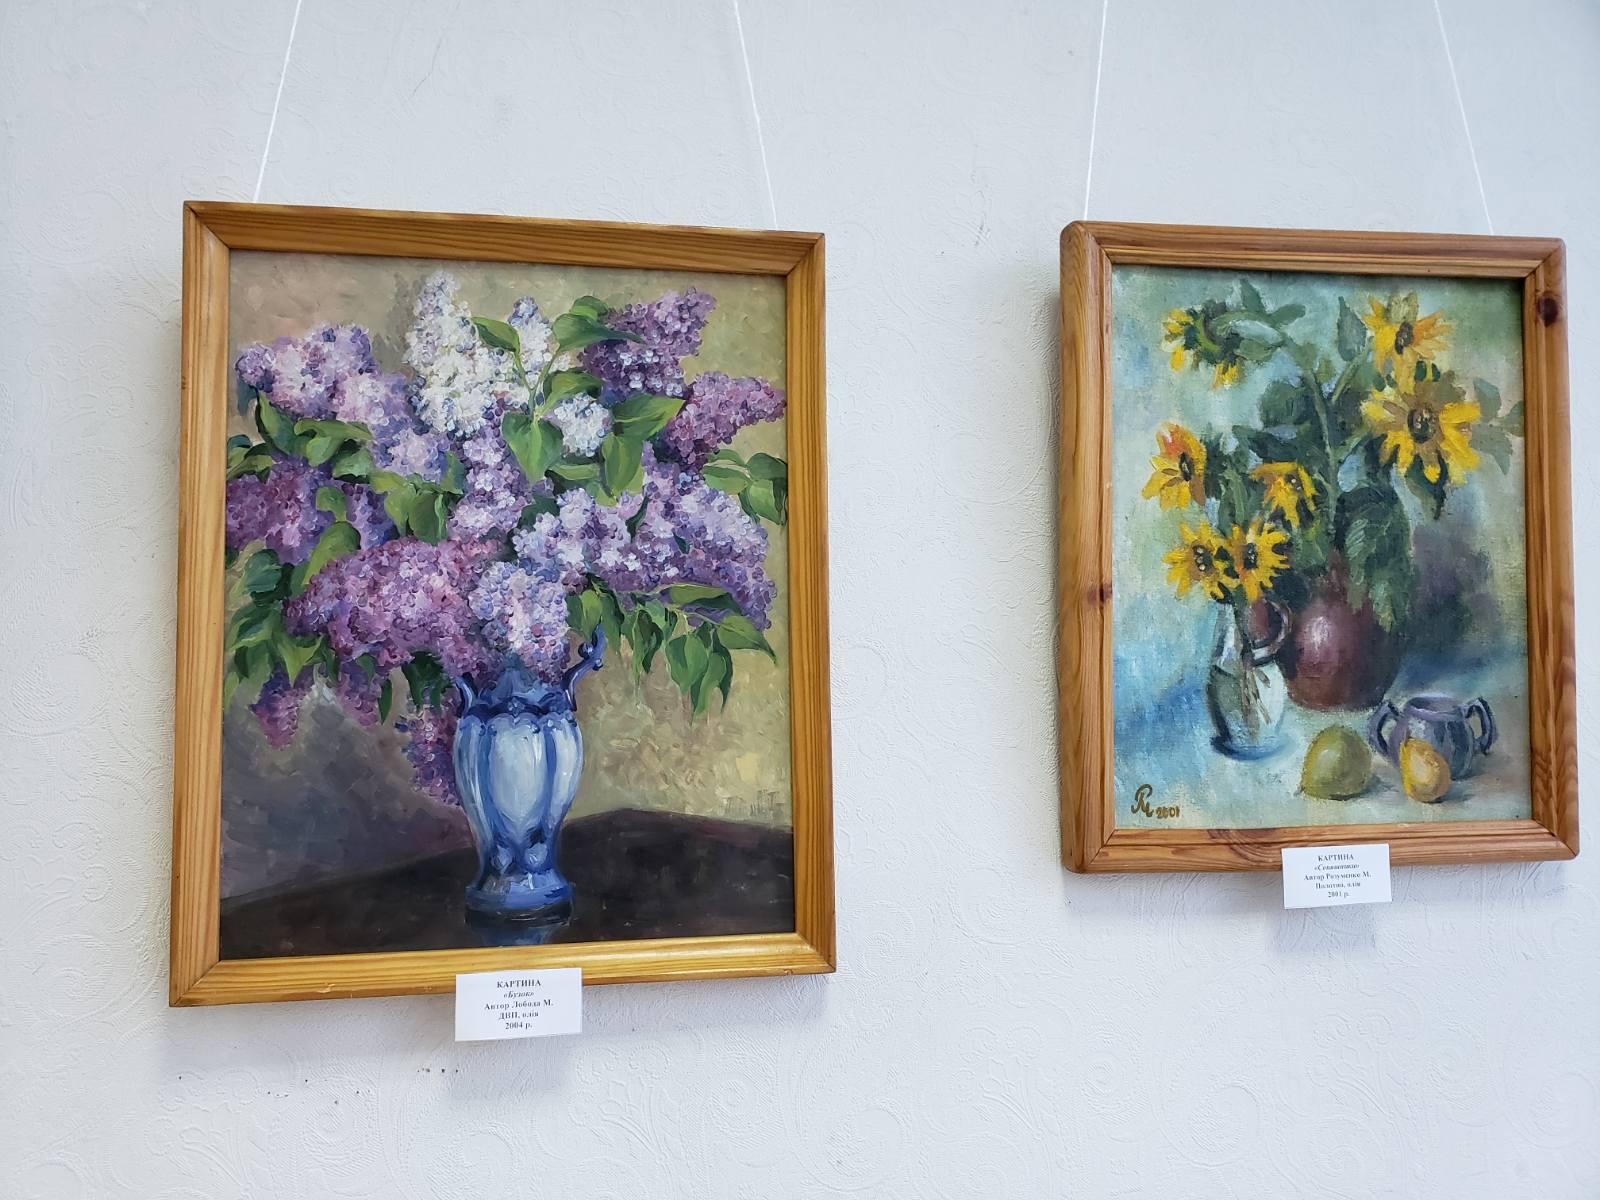 Виставка художніх робіт з фондів Броварського краєзнавчого музею (фото, відео) -  - yzobrazhenye viber 2020 01 11 17 12 303